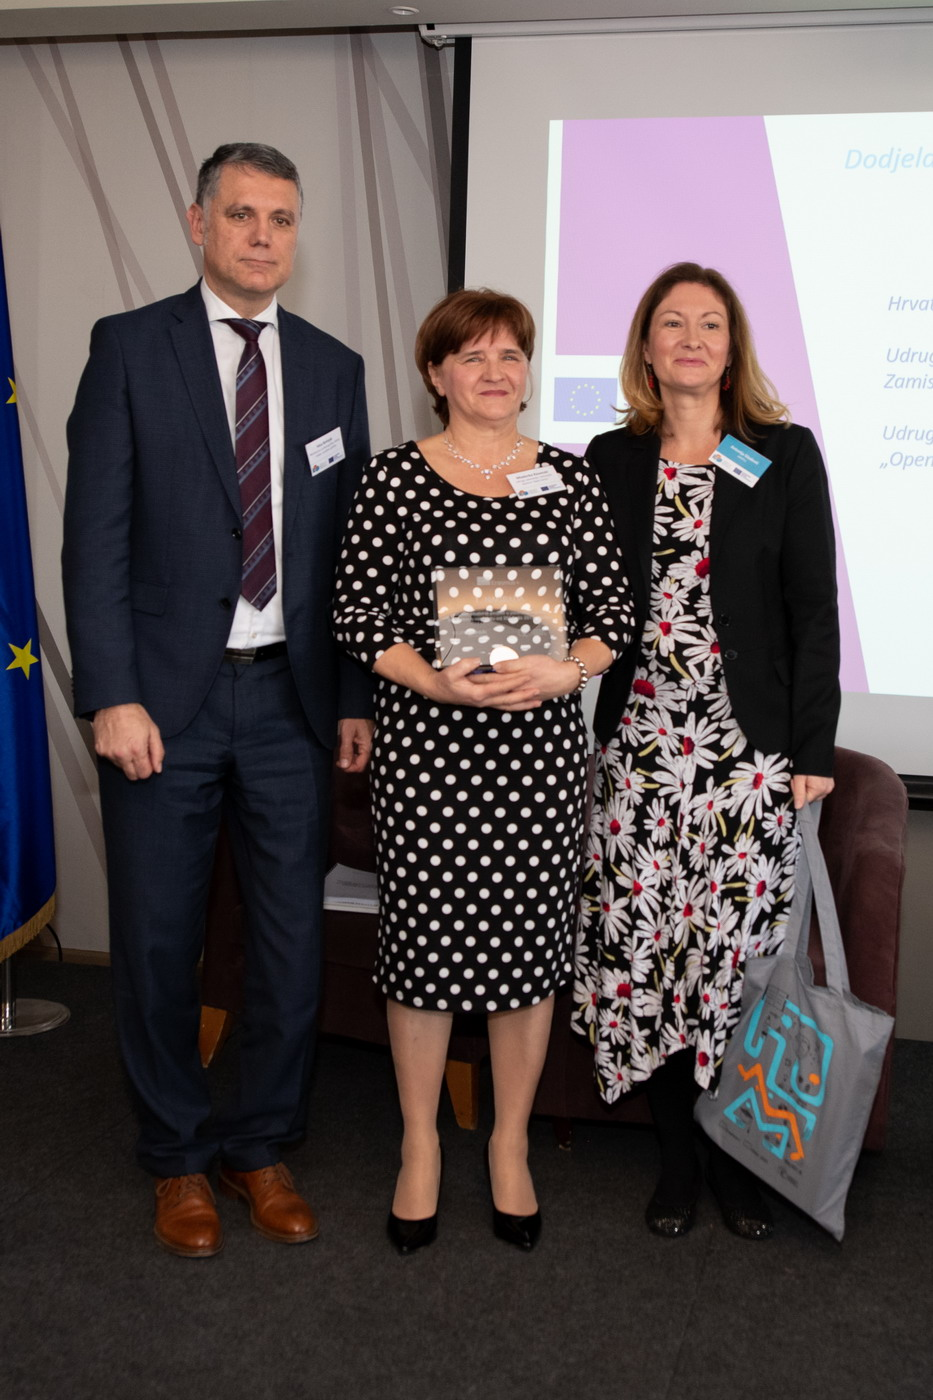 U Zagrebu svečano otvoren program Europske snage solidarnosti - Slika 5